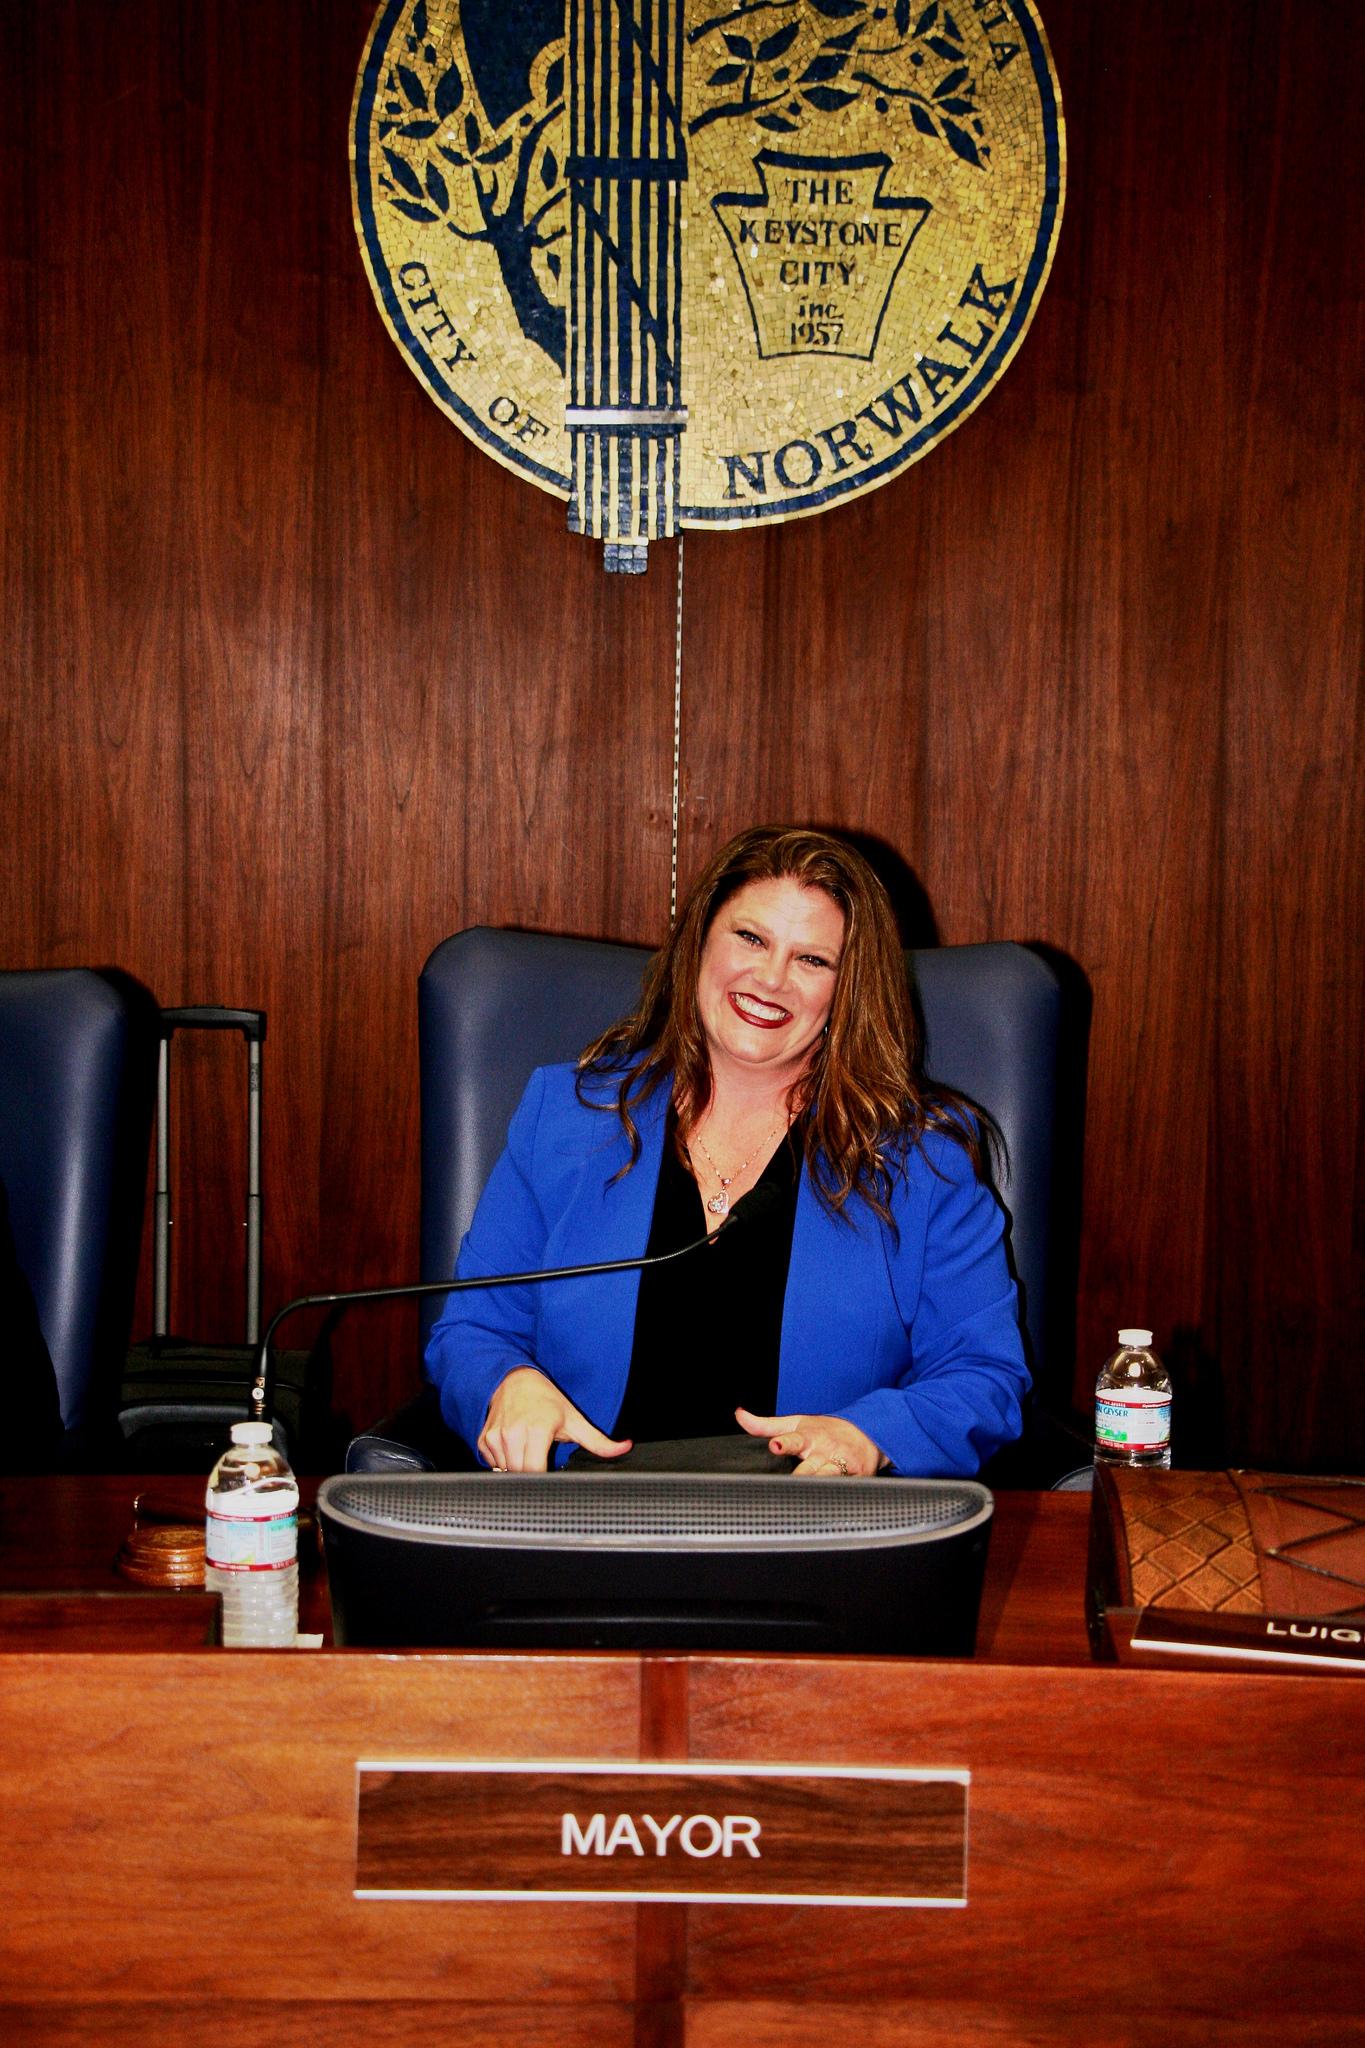 Norwalk mayor Jennifer Perez on Tuesday. Photo courtesy city of Norwalk